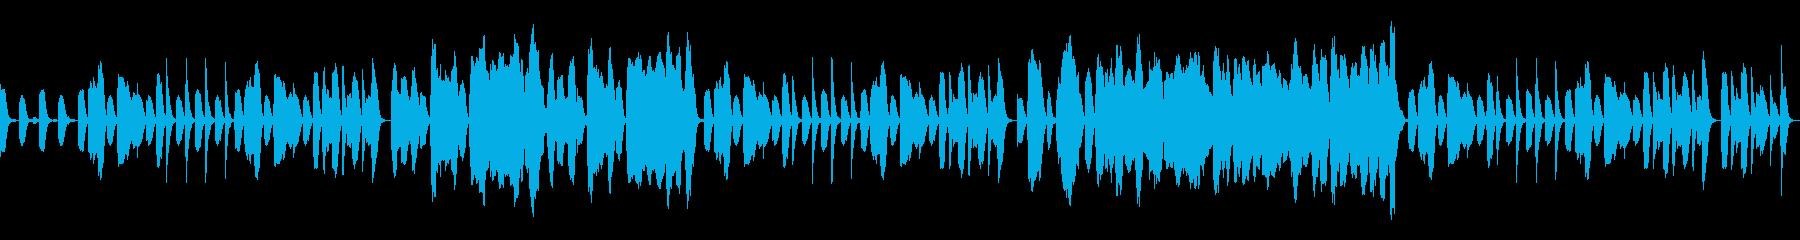 ほのぼのとした作業用BGMの再生済みの波形